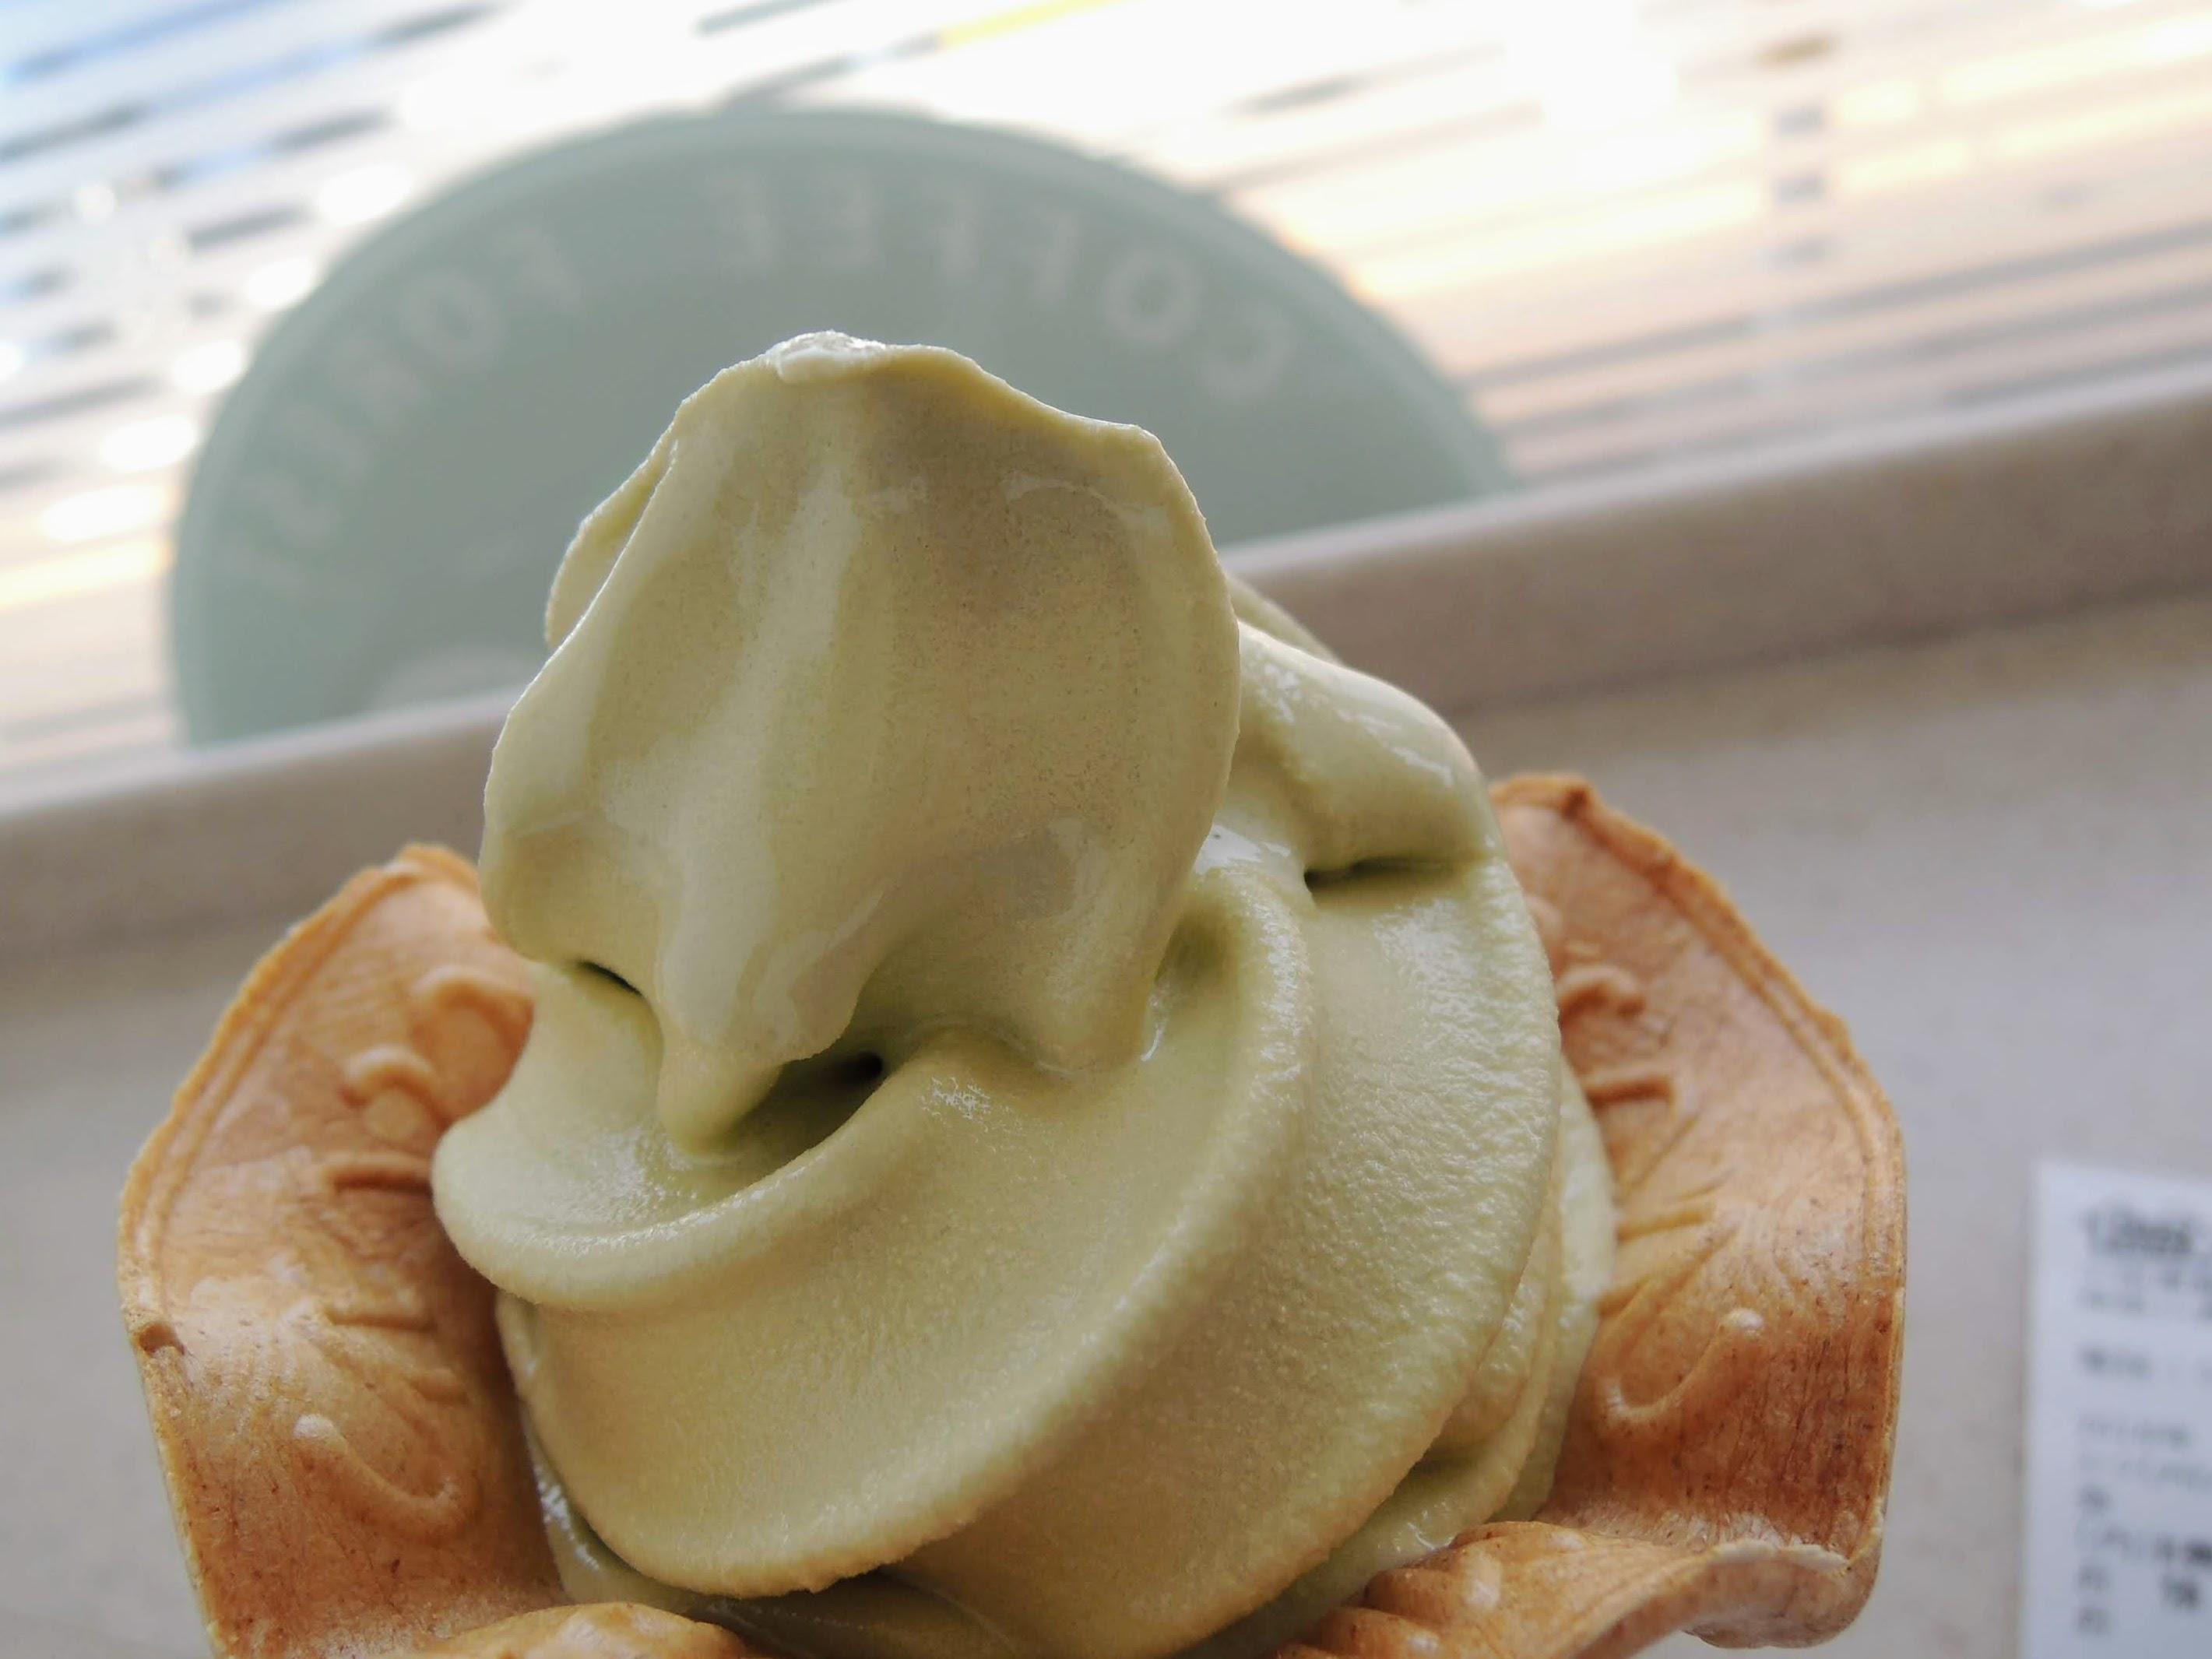 ミニストップのメロンソフトクリーム